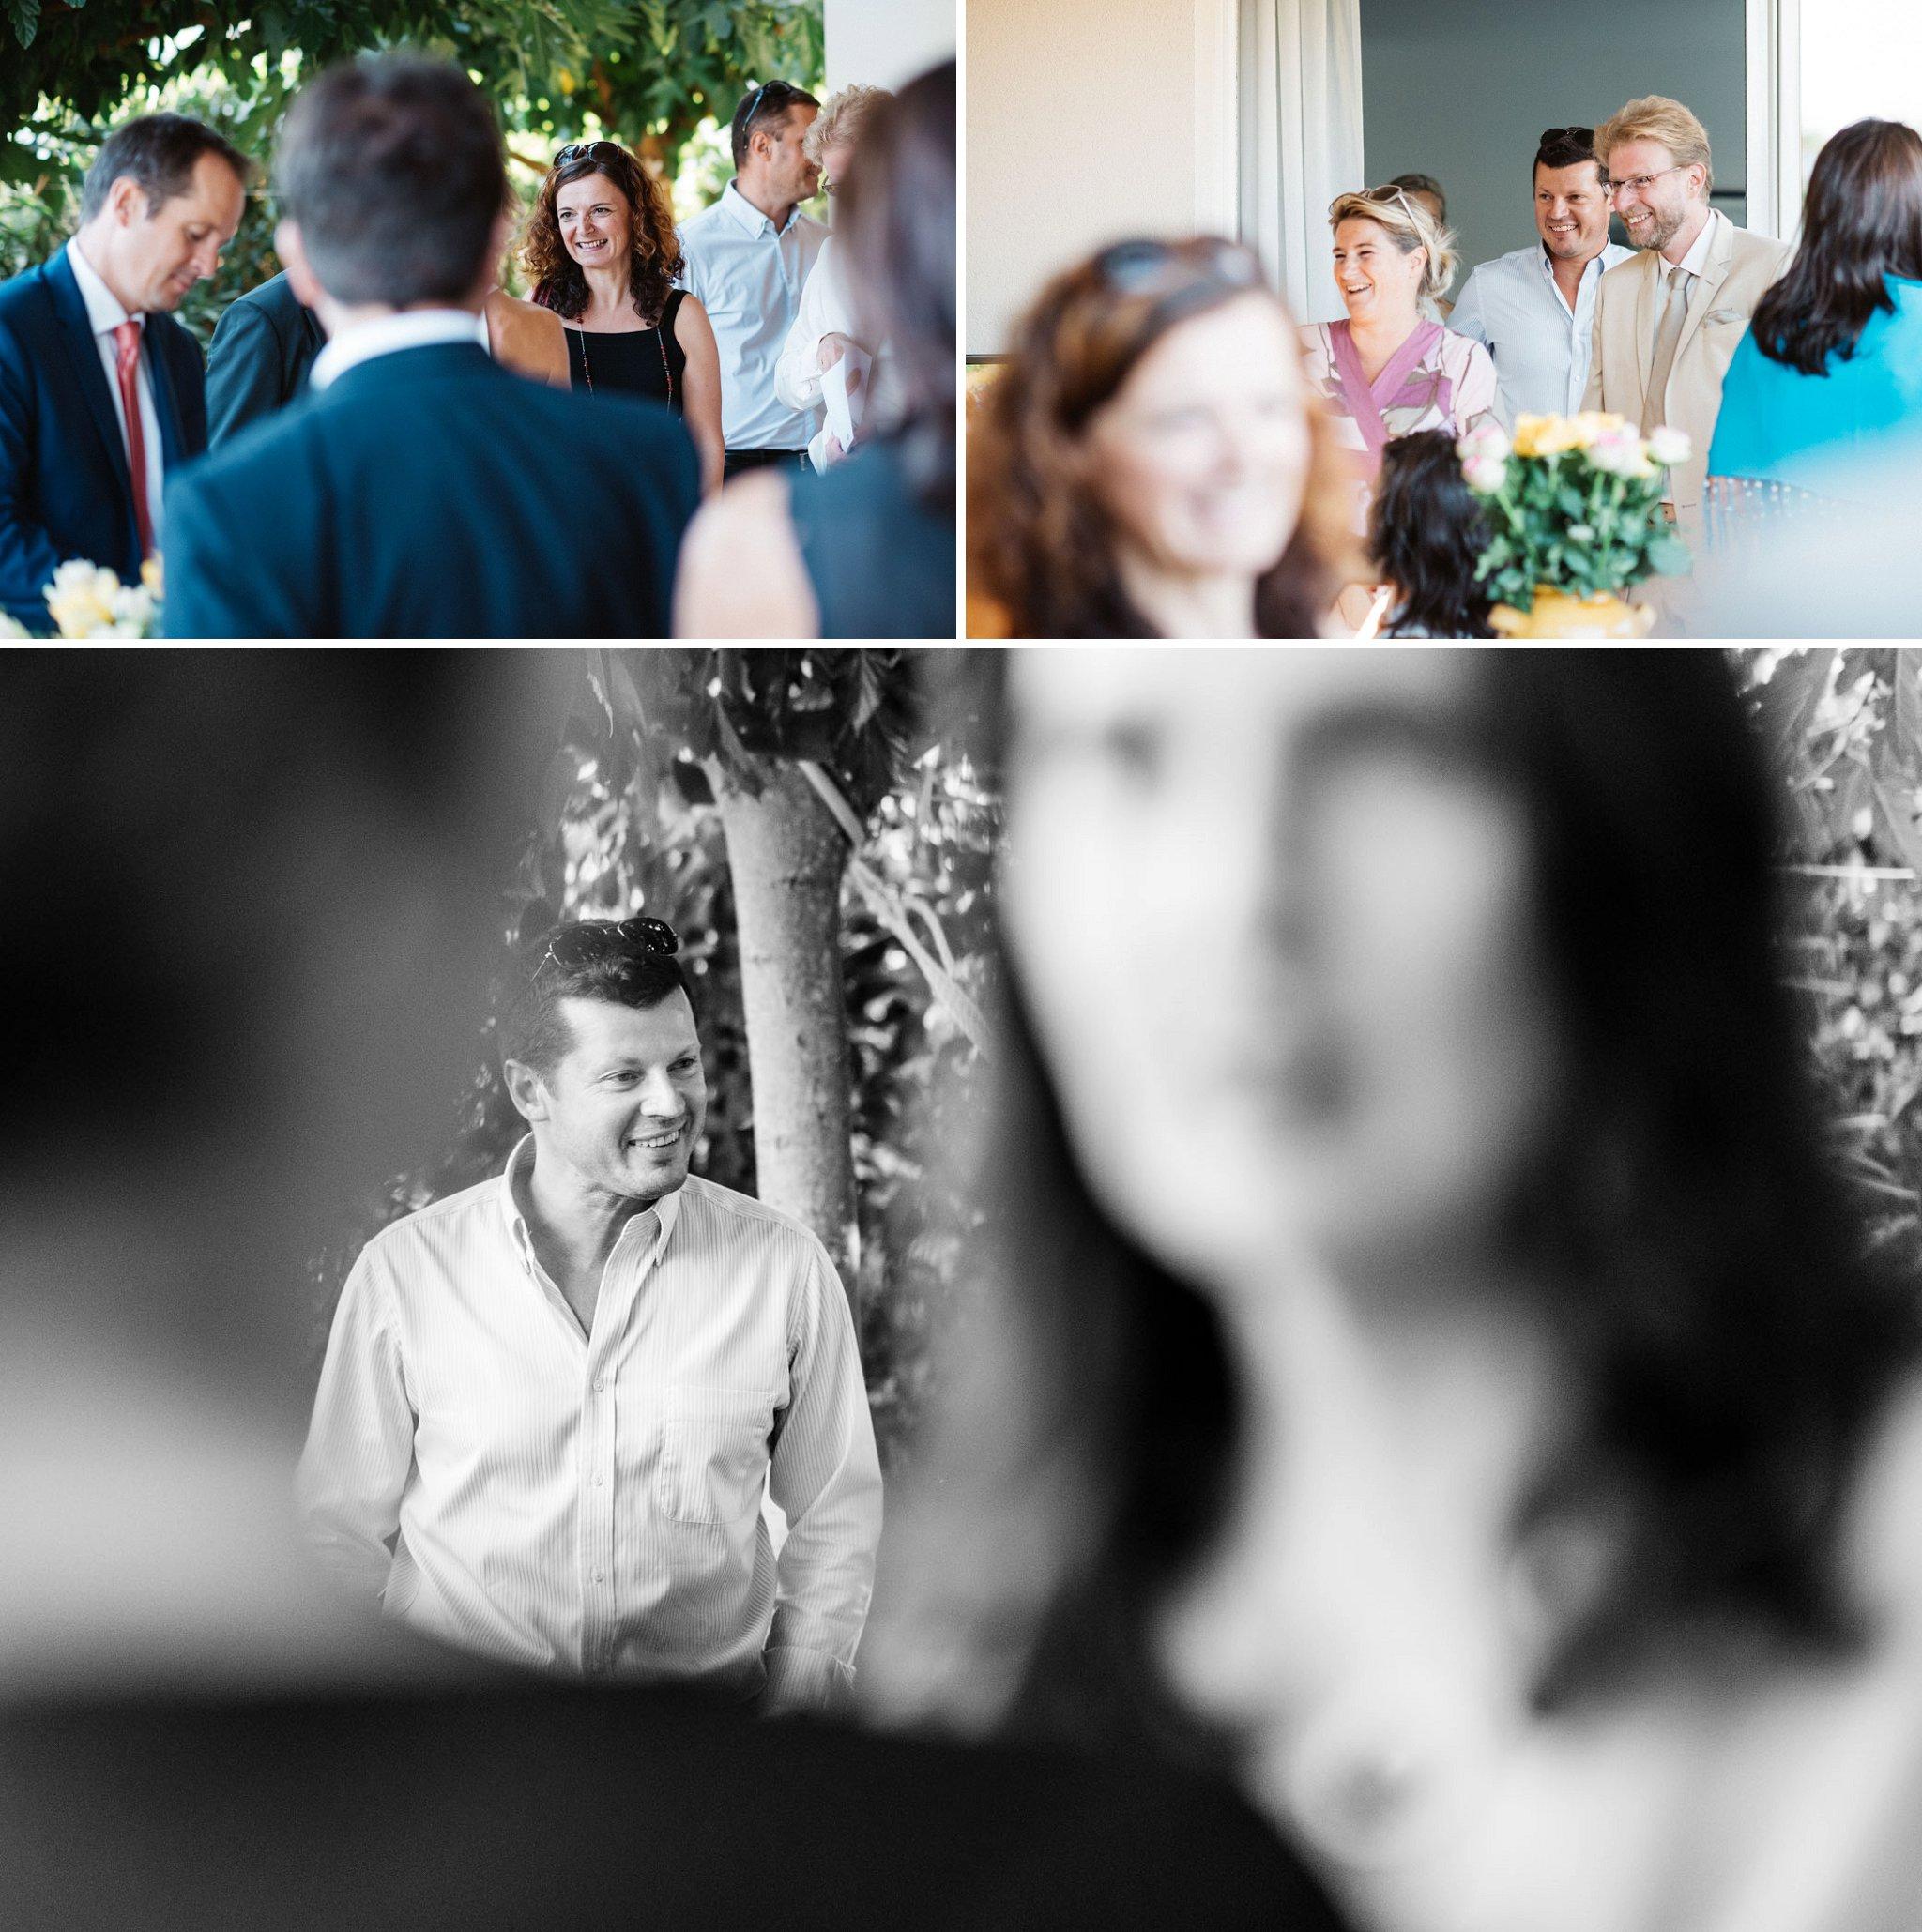 mariage-amis-provence-mediterranee-plage-convivial (11)